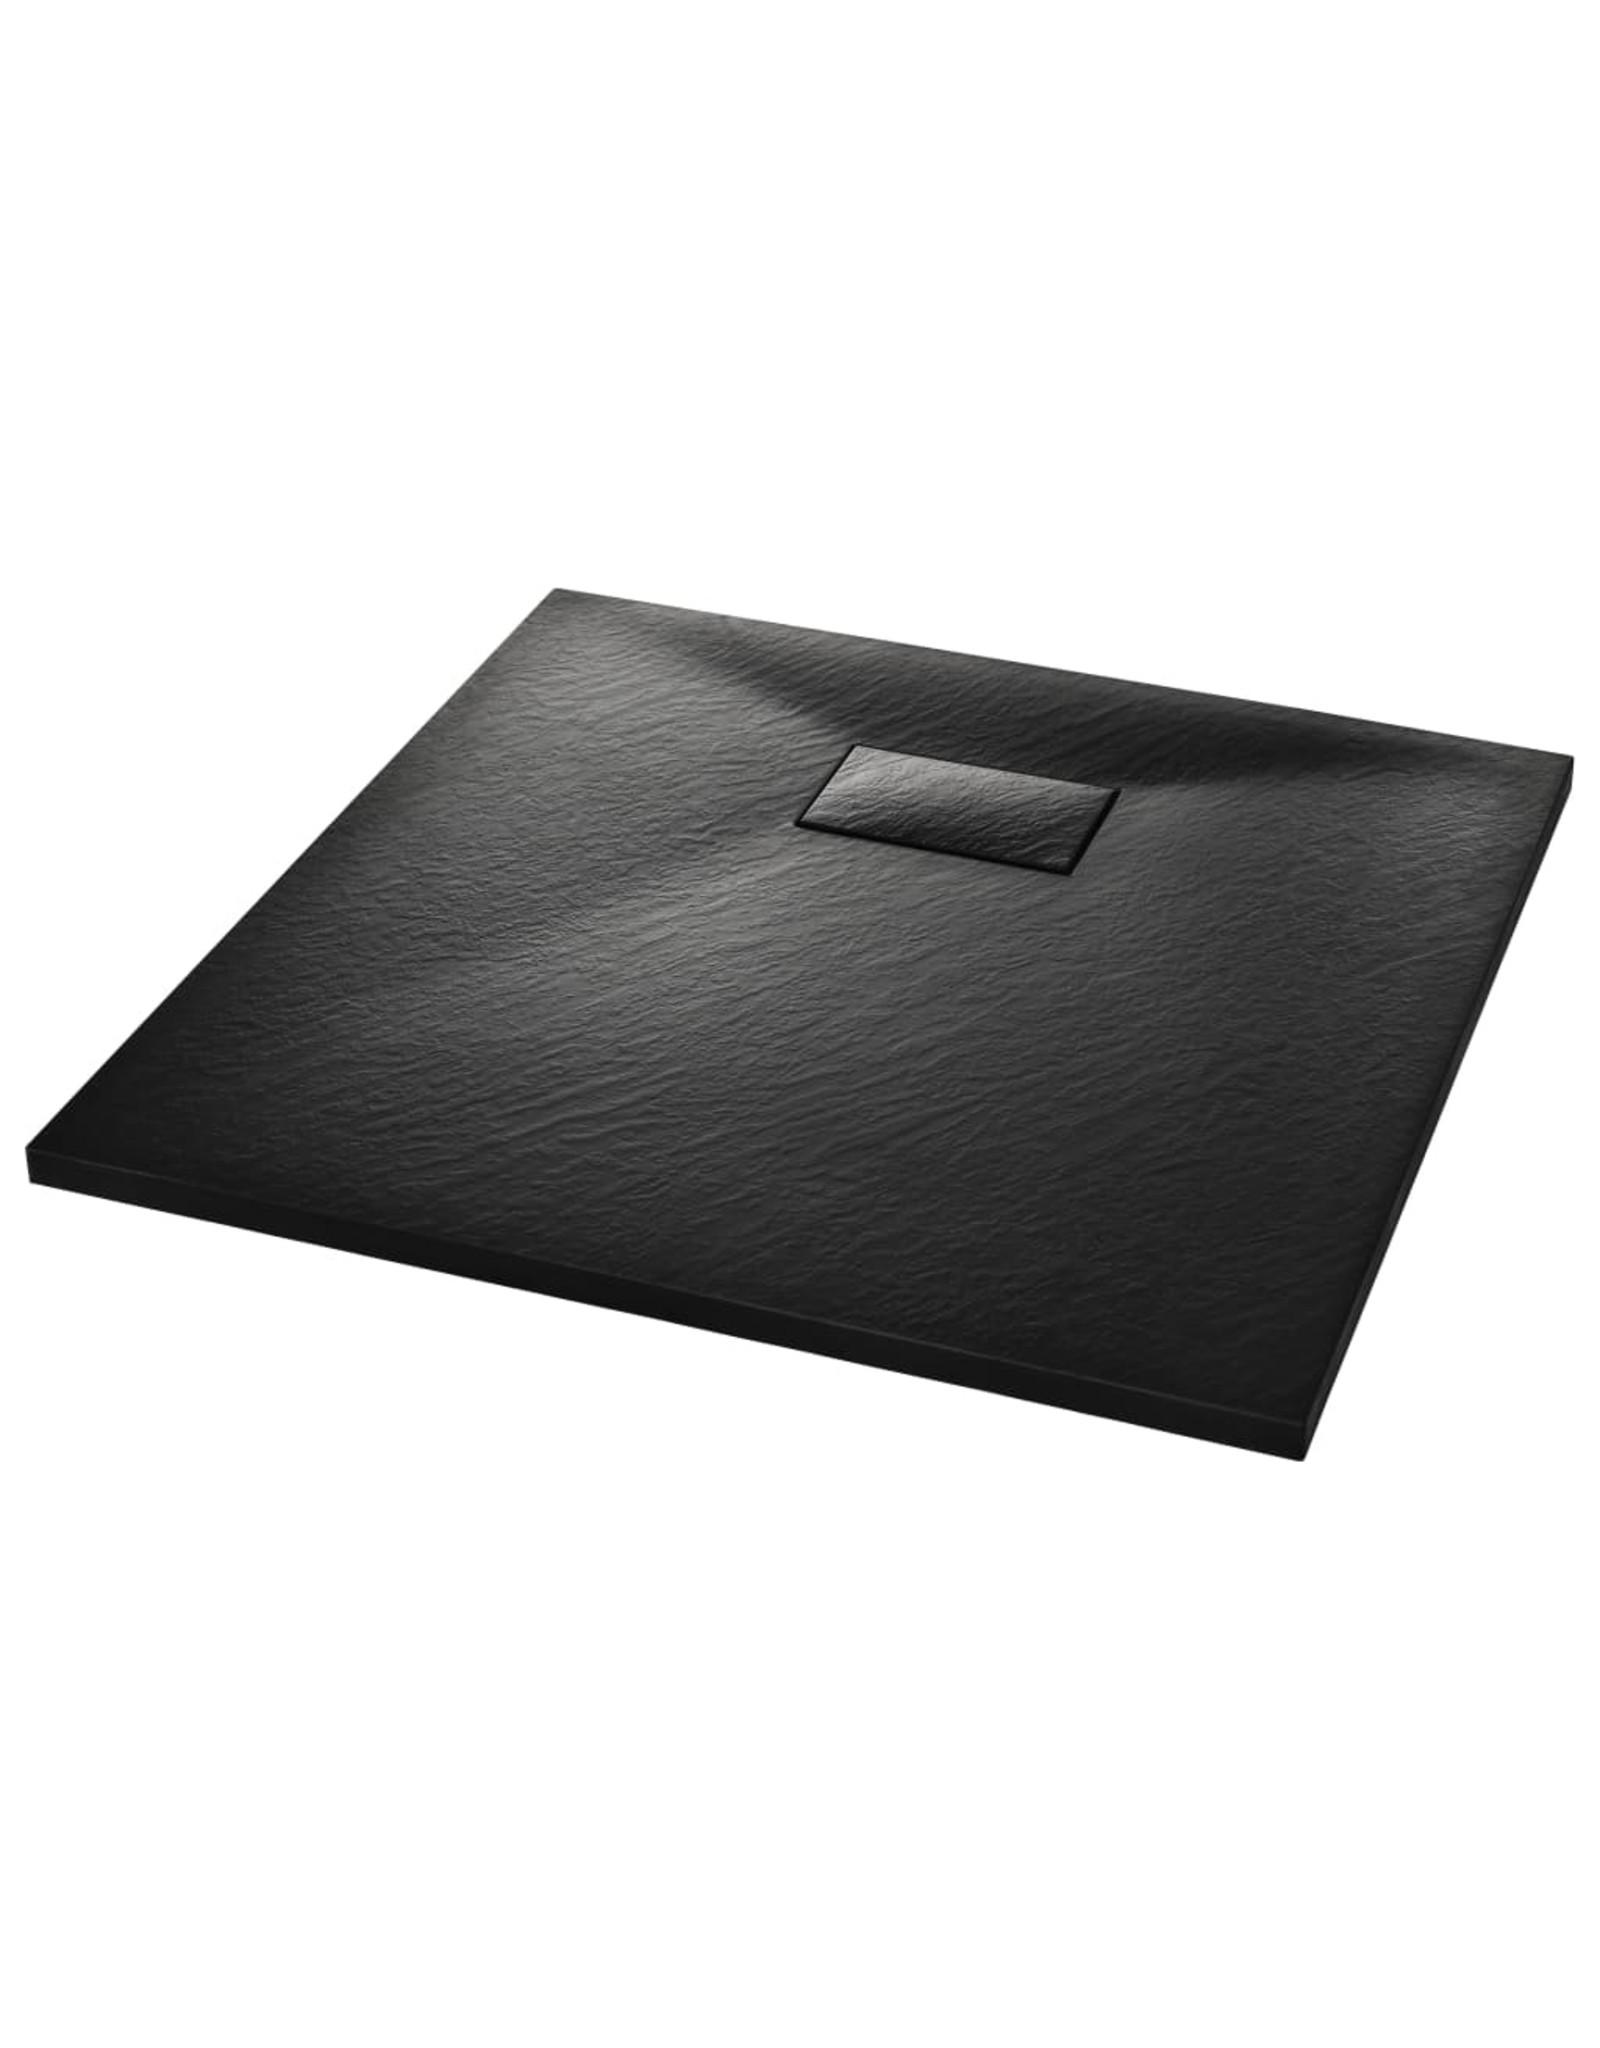 Douchebak 80x80 cm SMC zwart